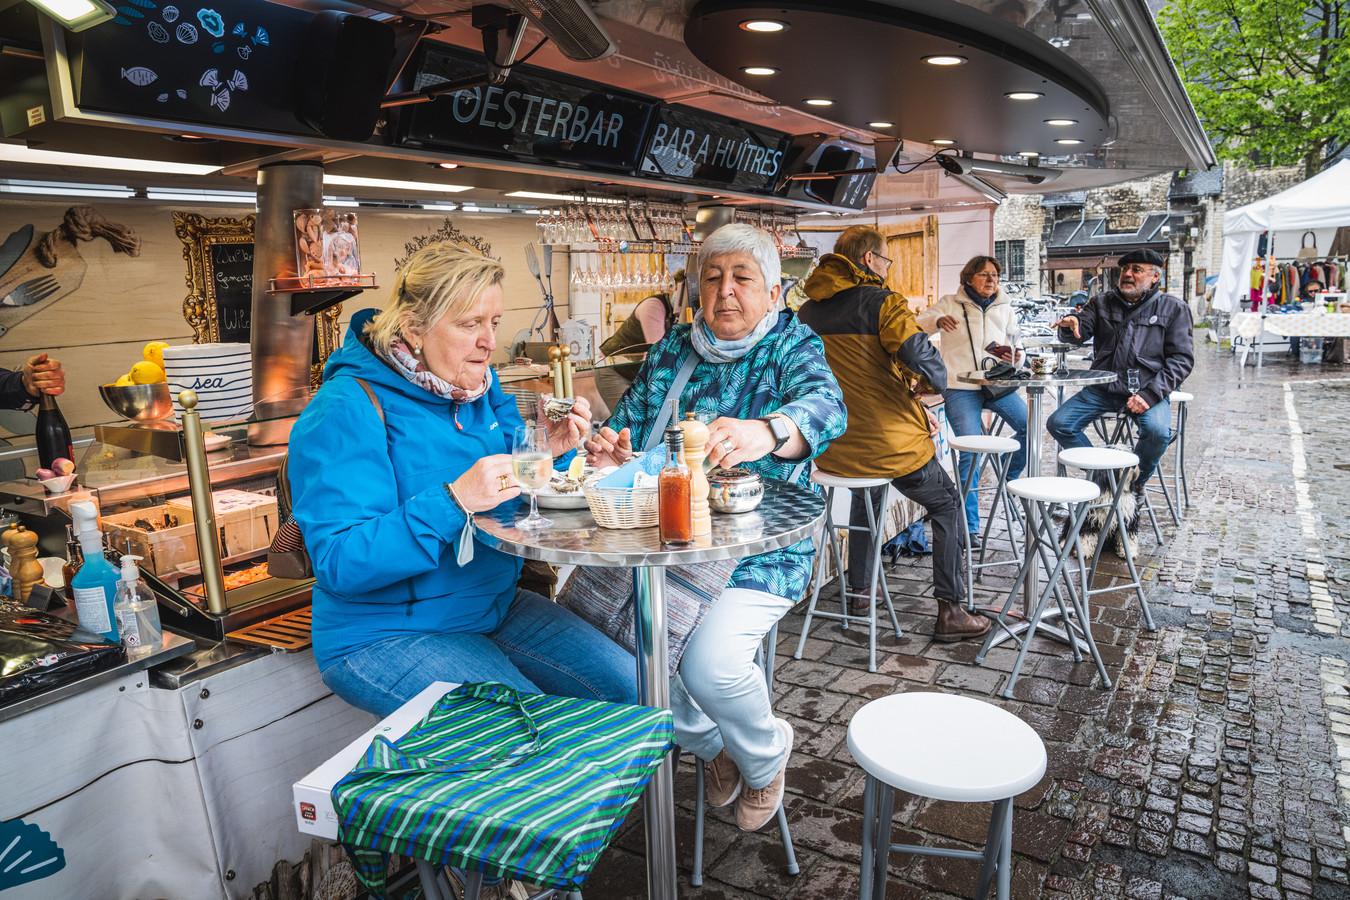 Het oesterkraam staat elke zondag op de Groentenmarkt, en dat maakt de combinatie met optredens moeilijk, klinkt het